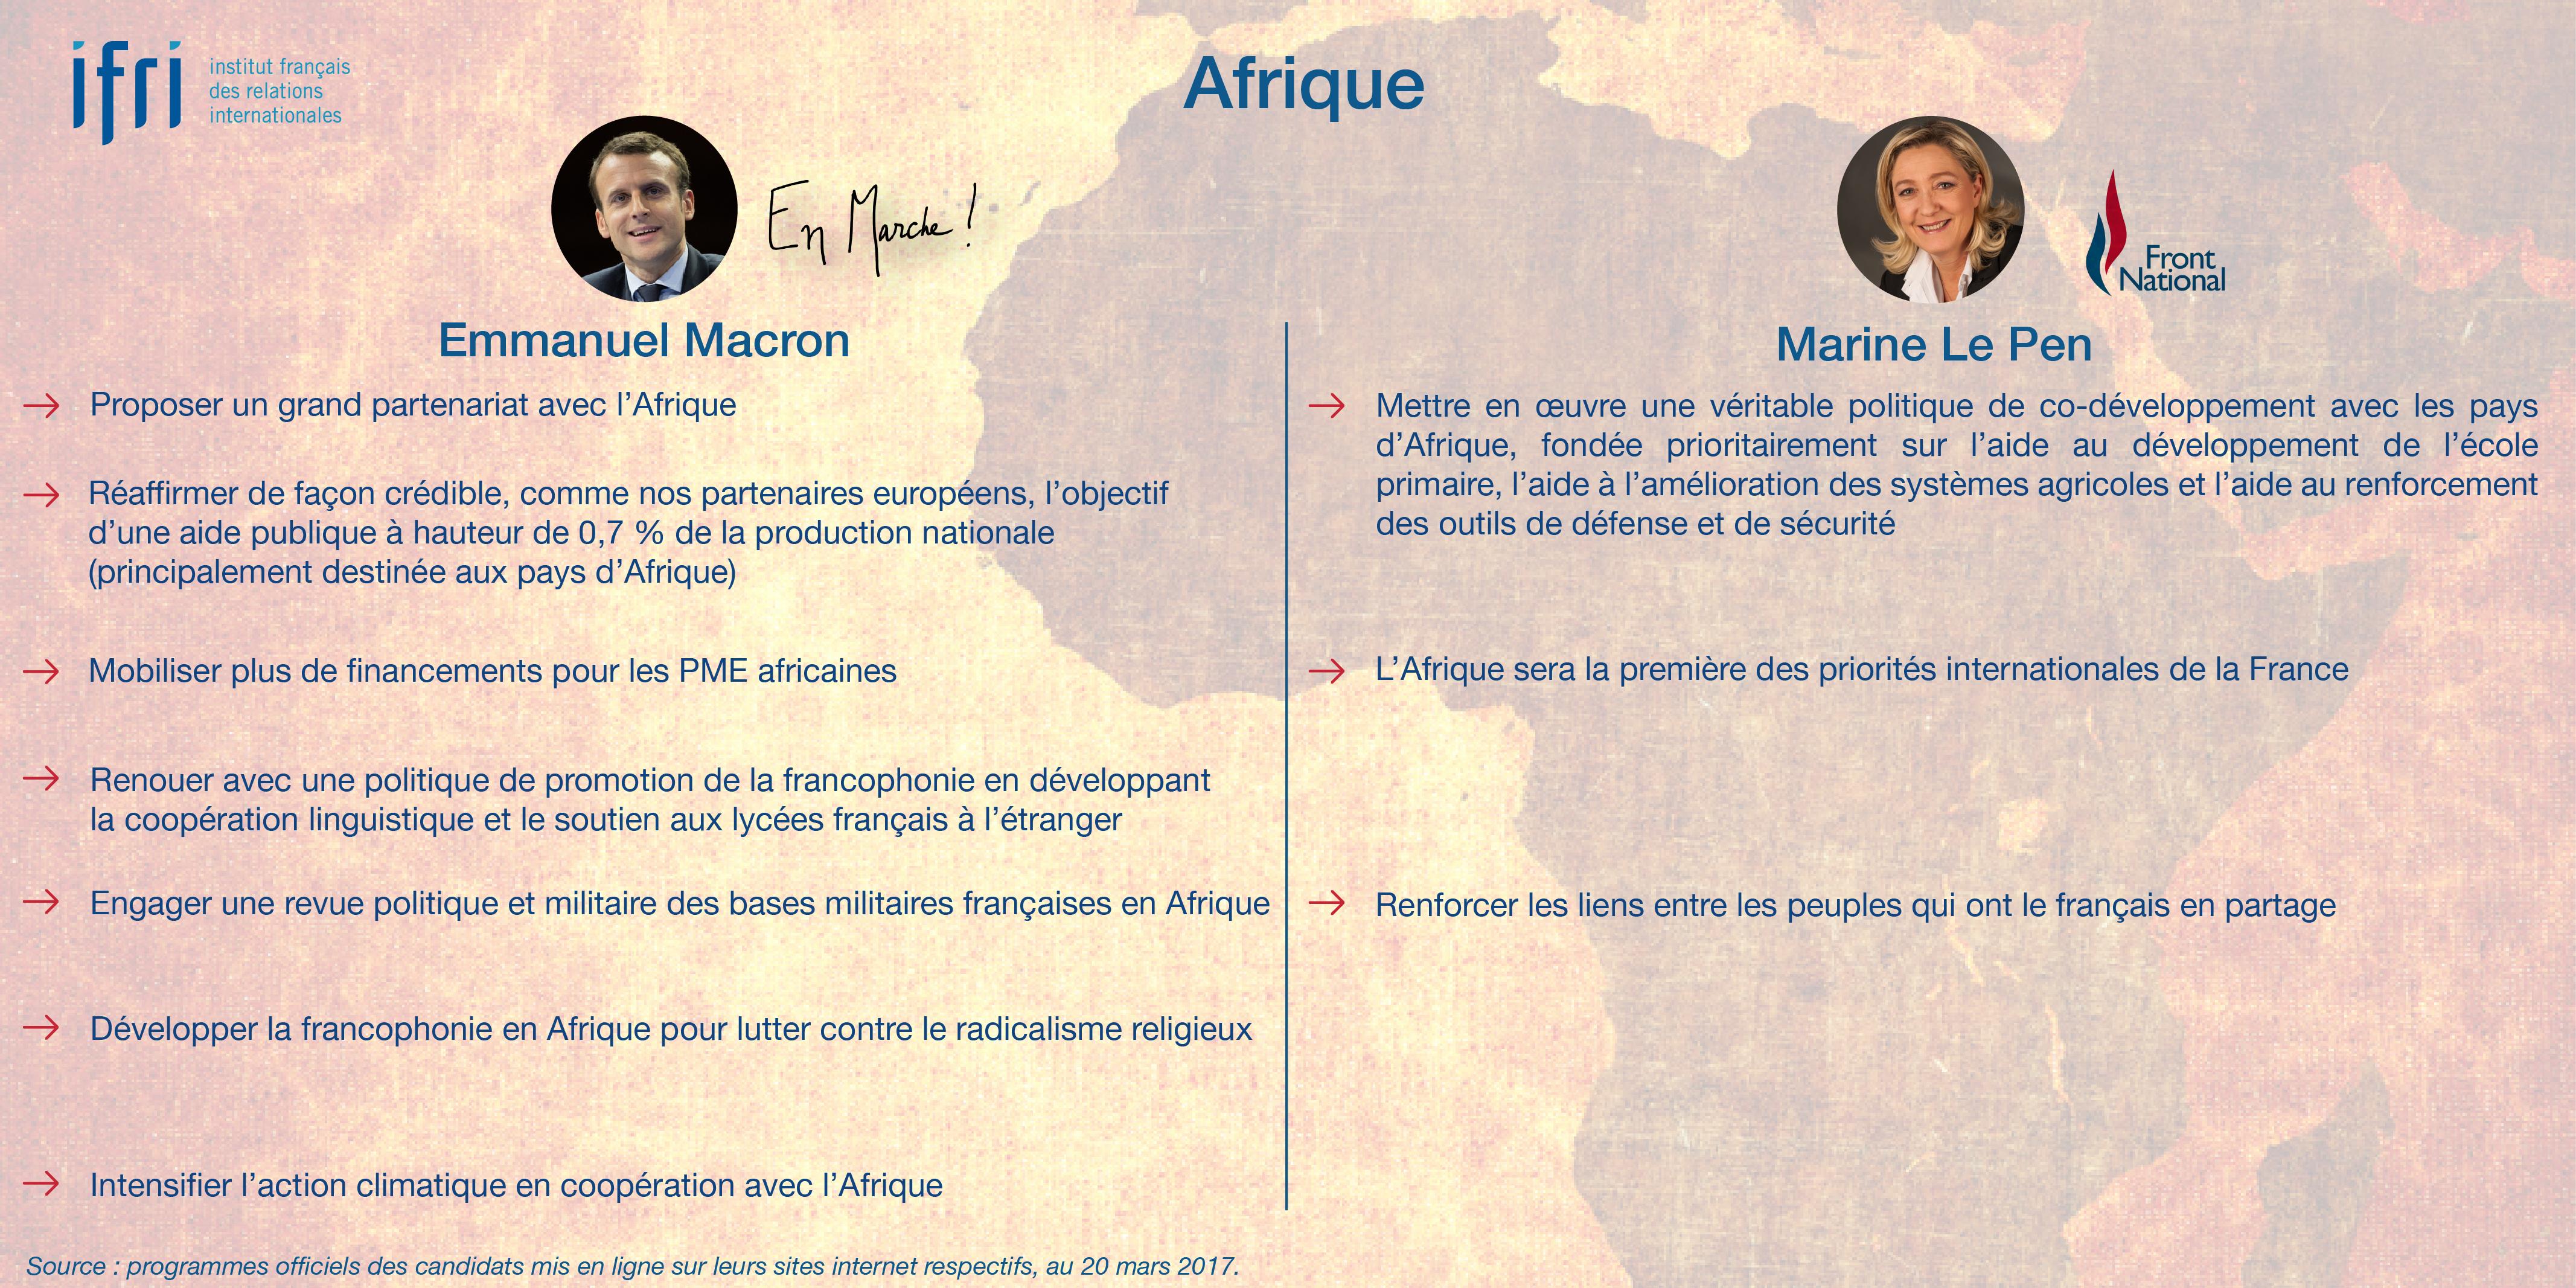 Afrique - Macron - Le Pen - Présidentielle 2017